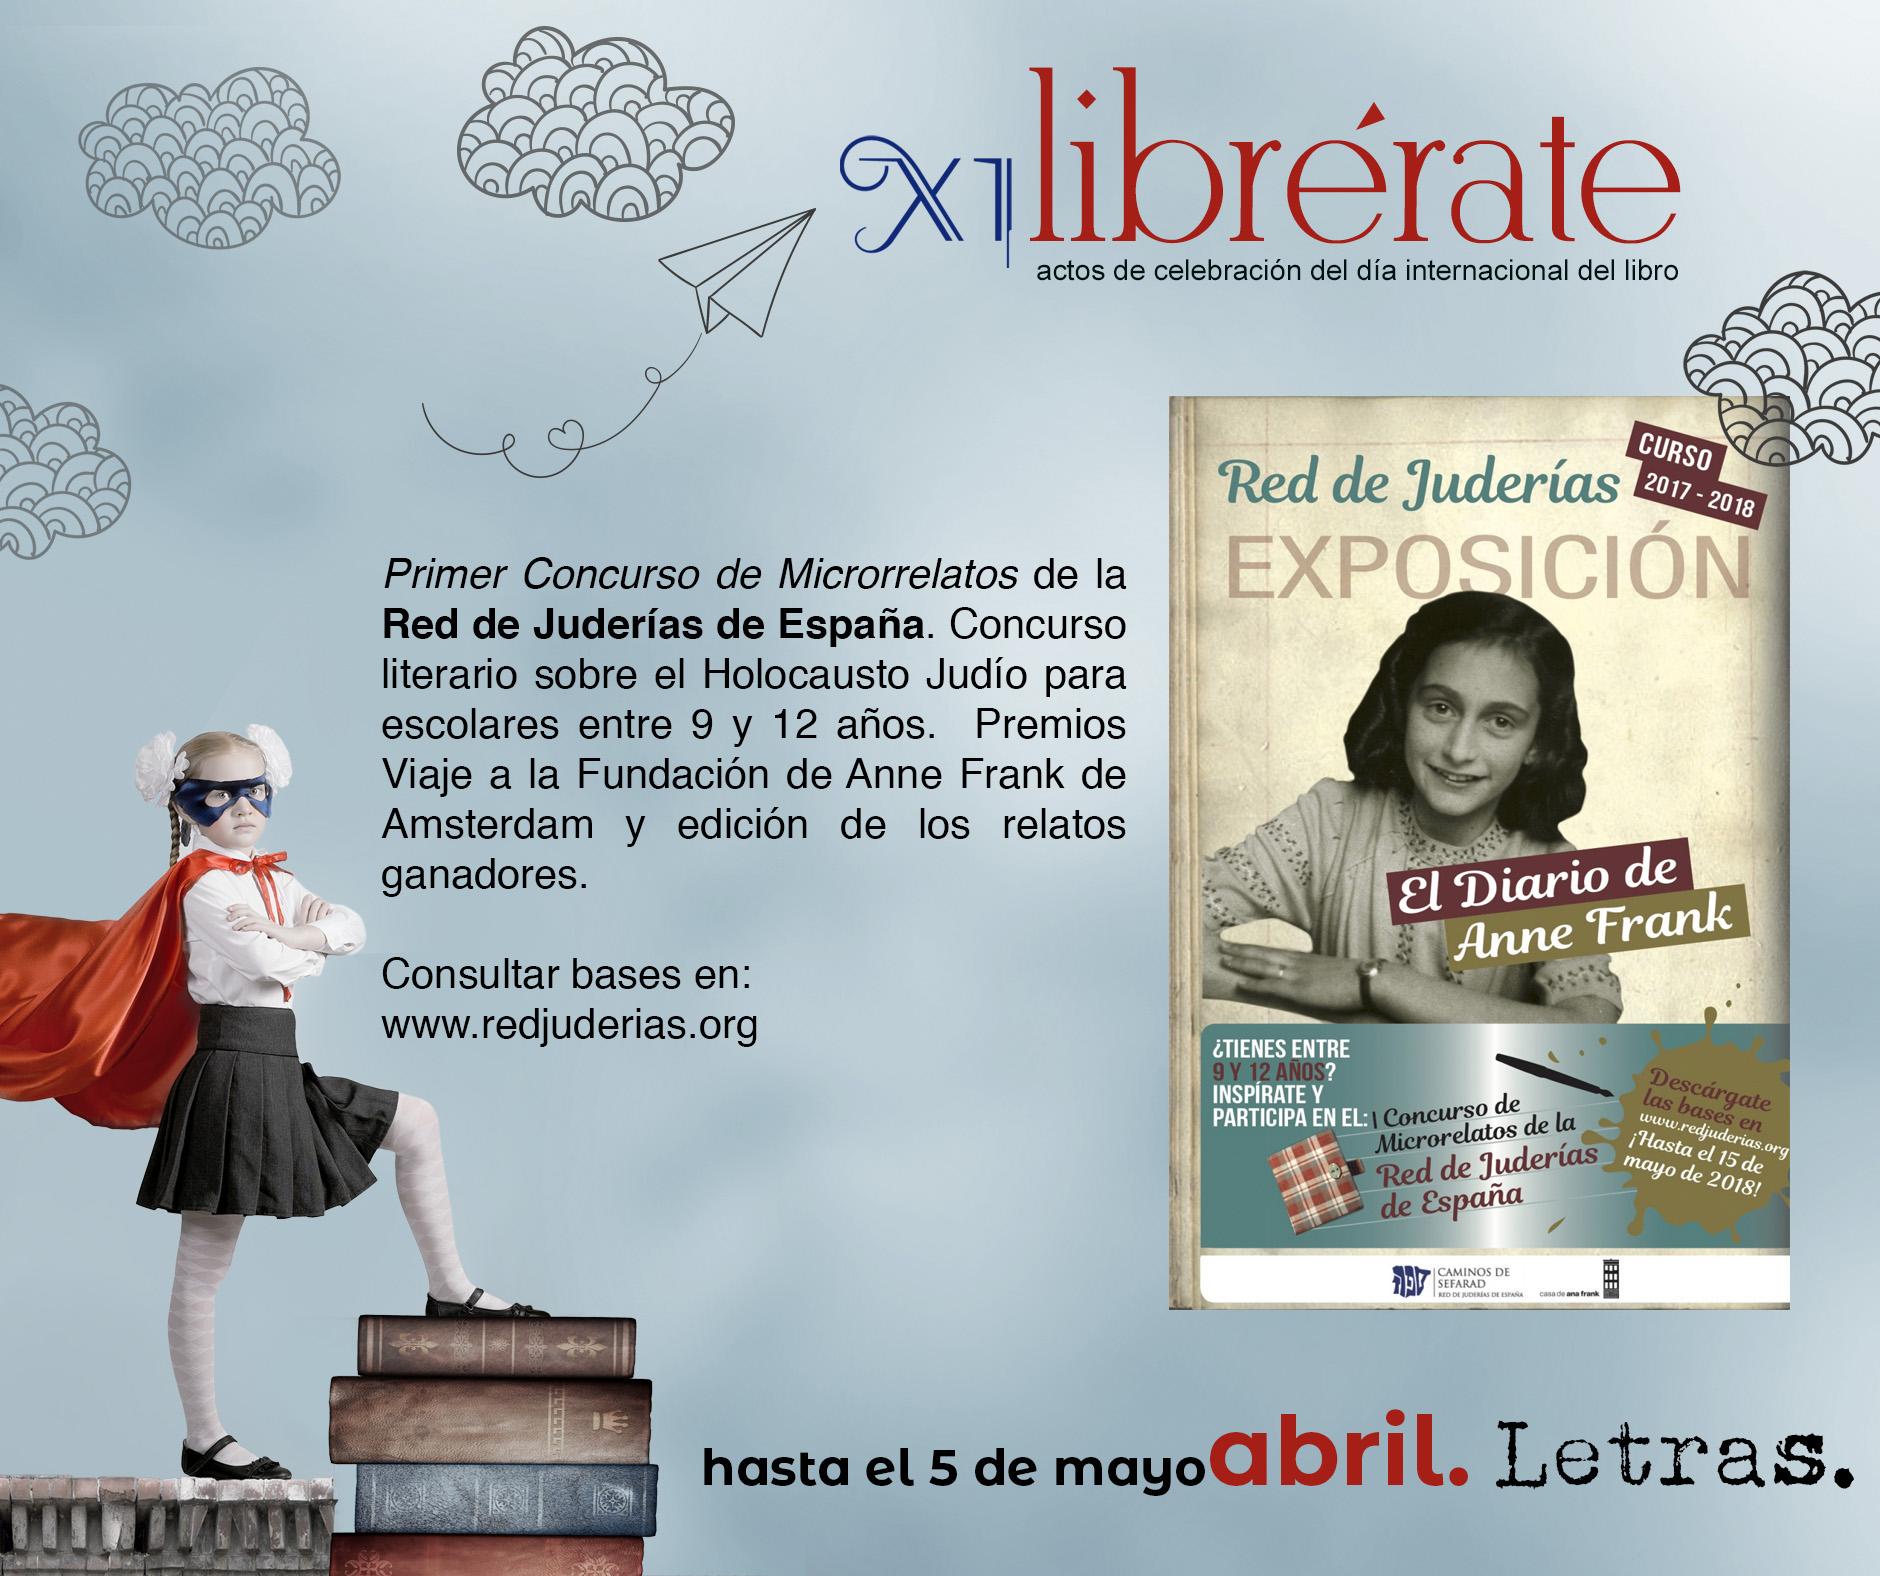 Primer Concurso de Microrrelatos de la Red de Juderías de España @ www.redjuderias.org